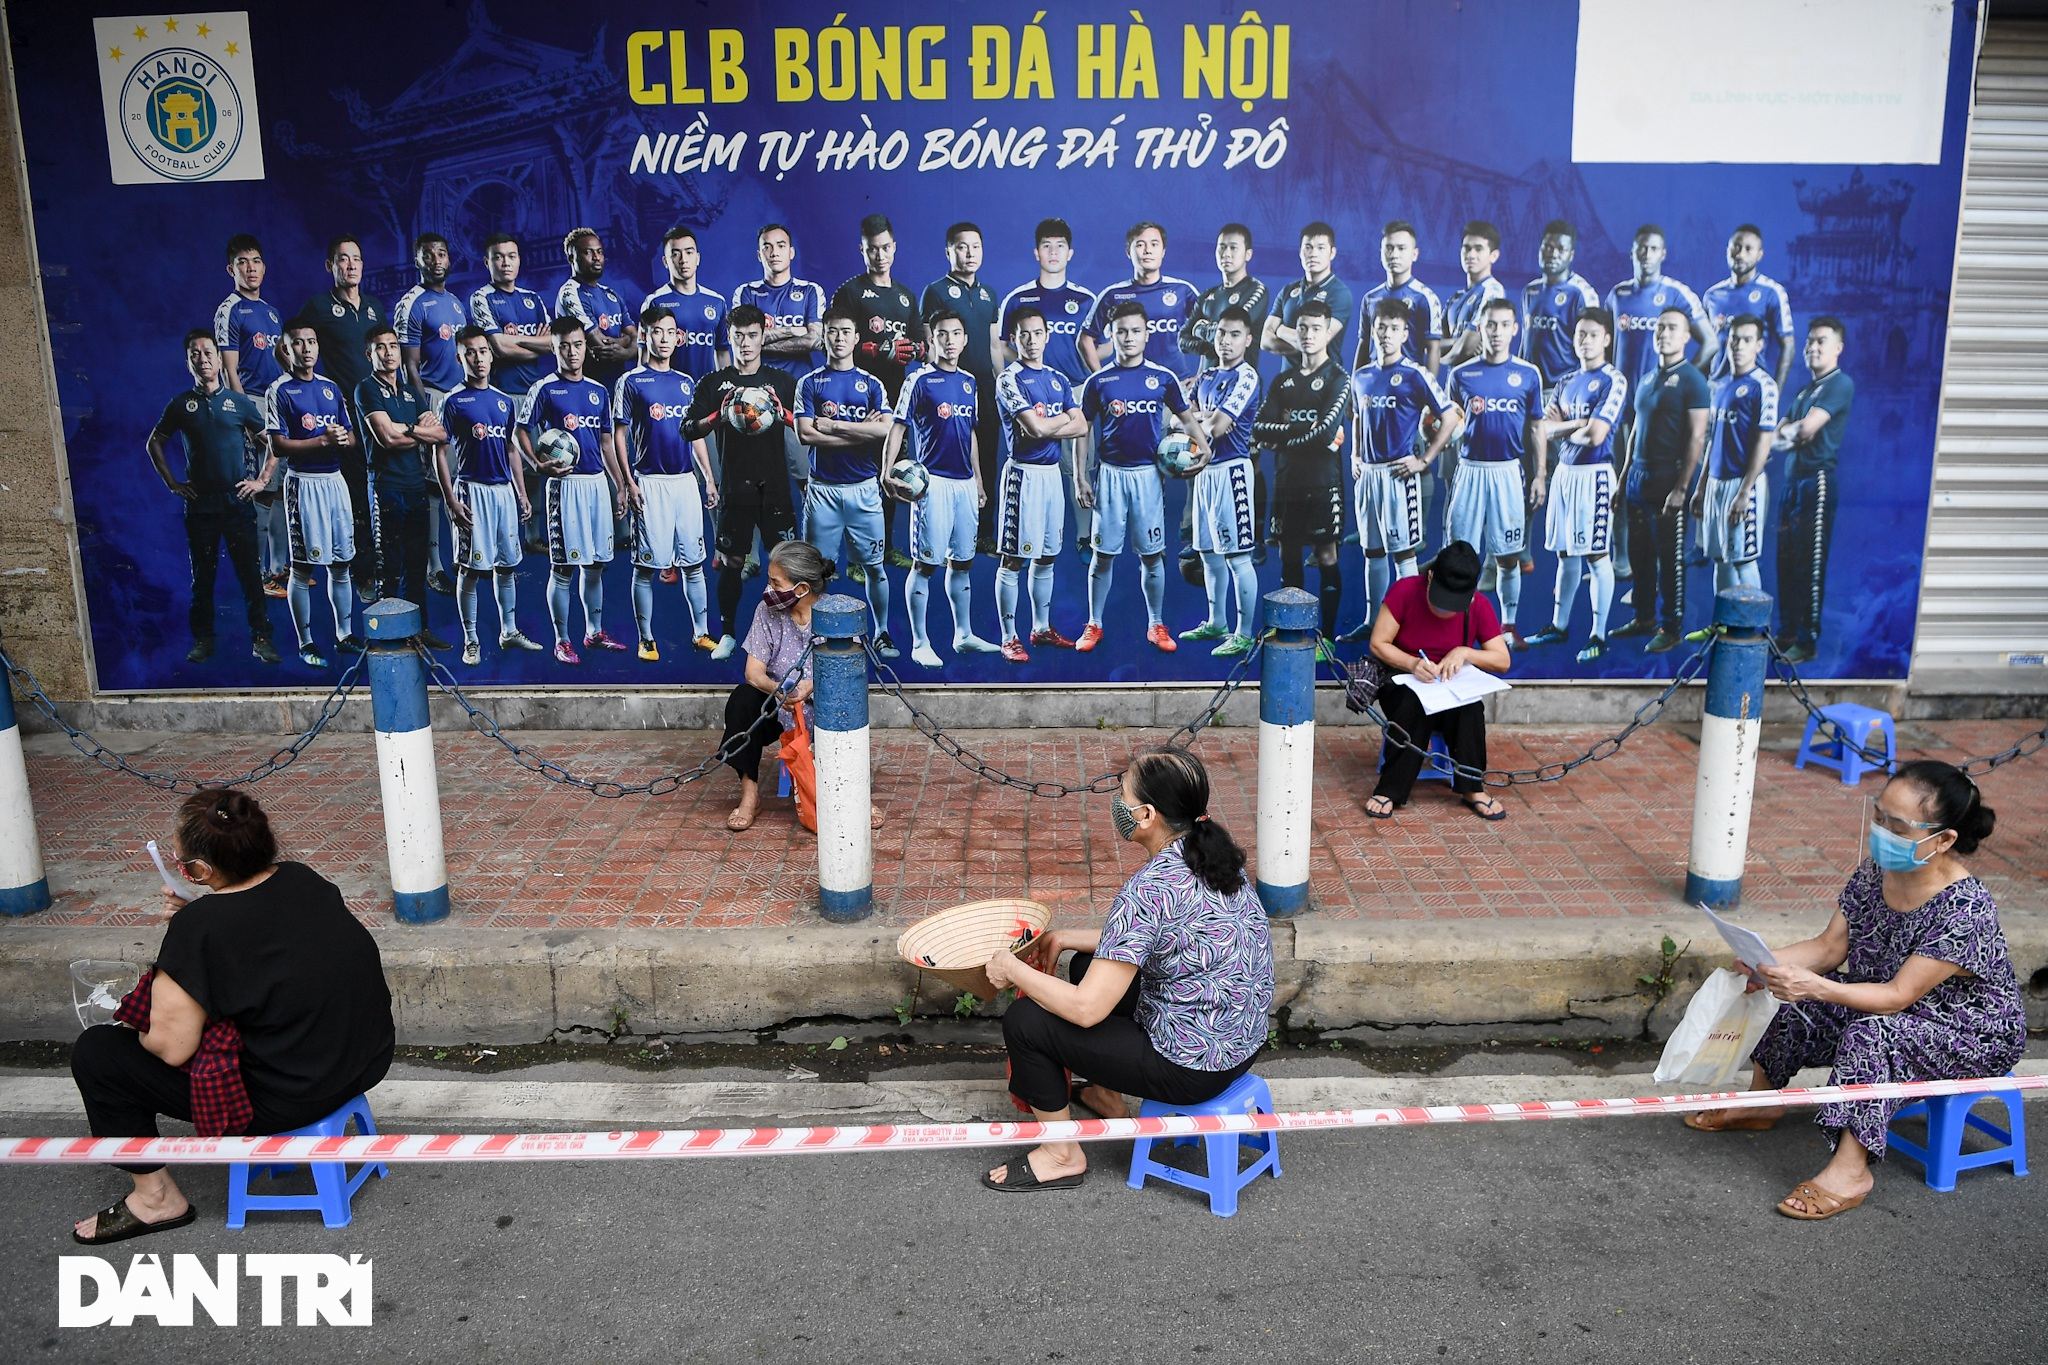 Ảnh: Toàn cảnh Chiến dịch truy vết và phủ vắc xin ngừa Covid-19 tại Hà Nội - 8